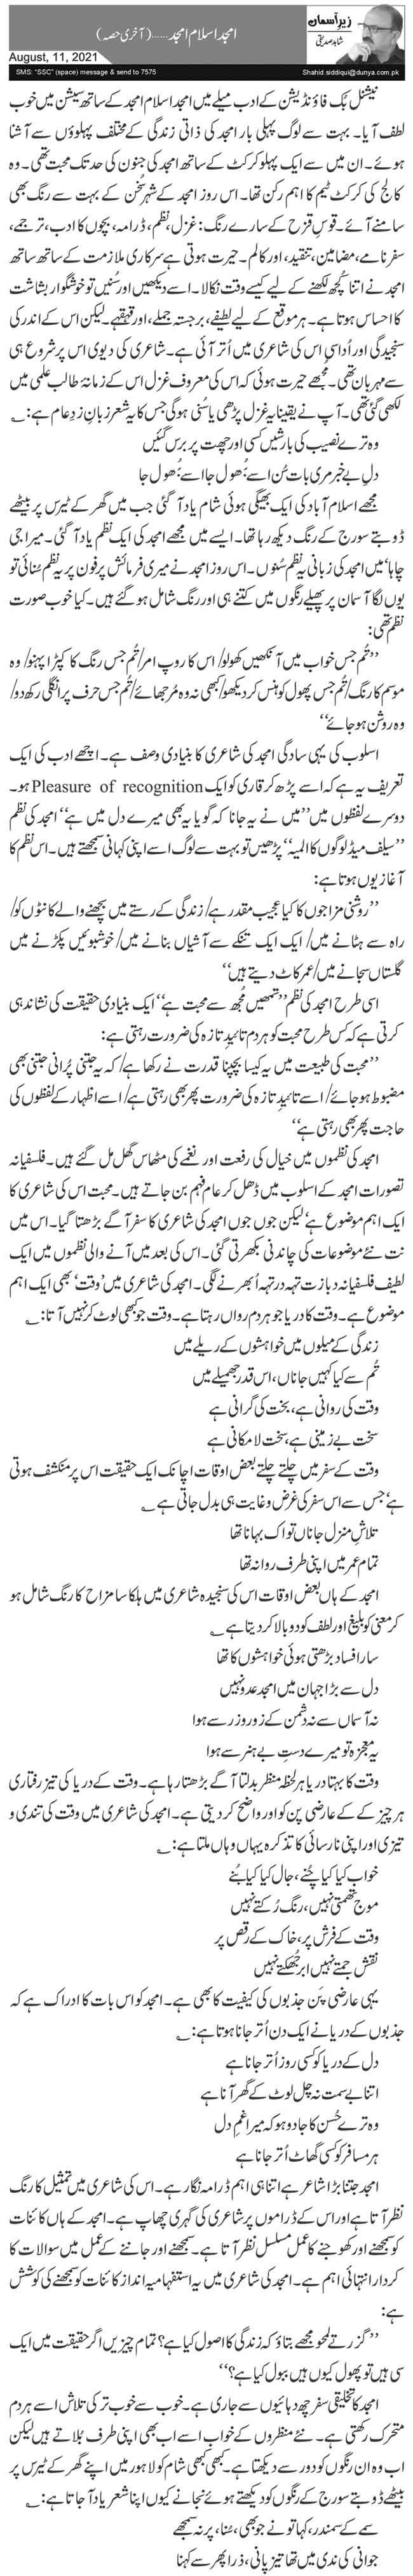 امجد اسلام امجد …(آخری حصہ)